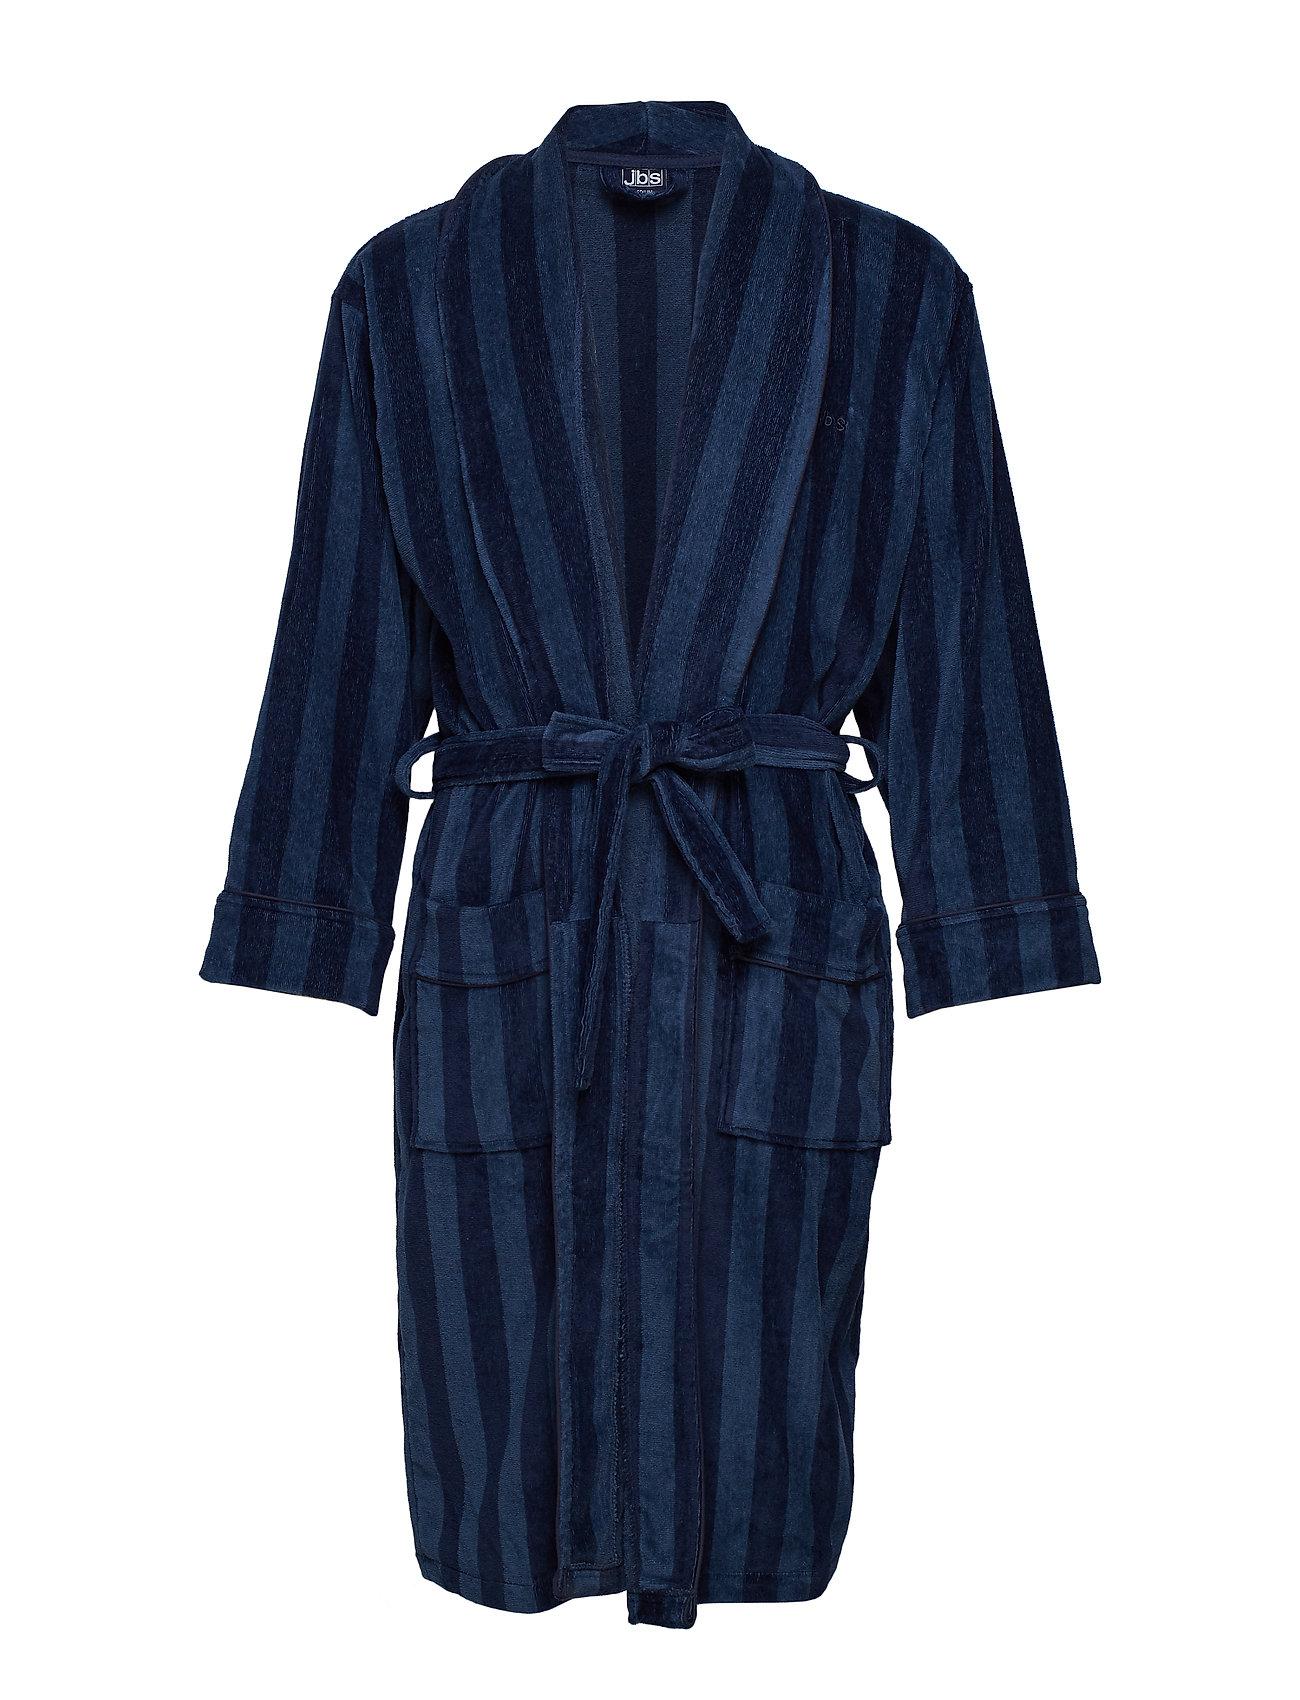 JBS JBS bathrobe - BALCK/NAVY